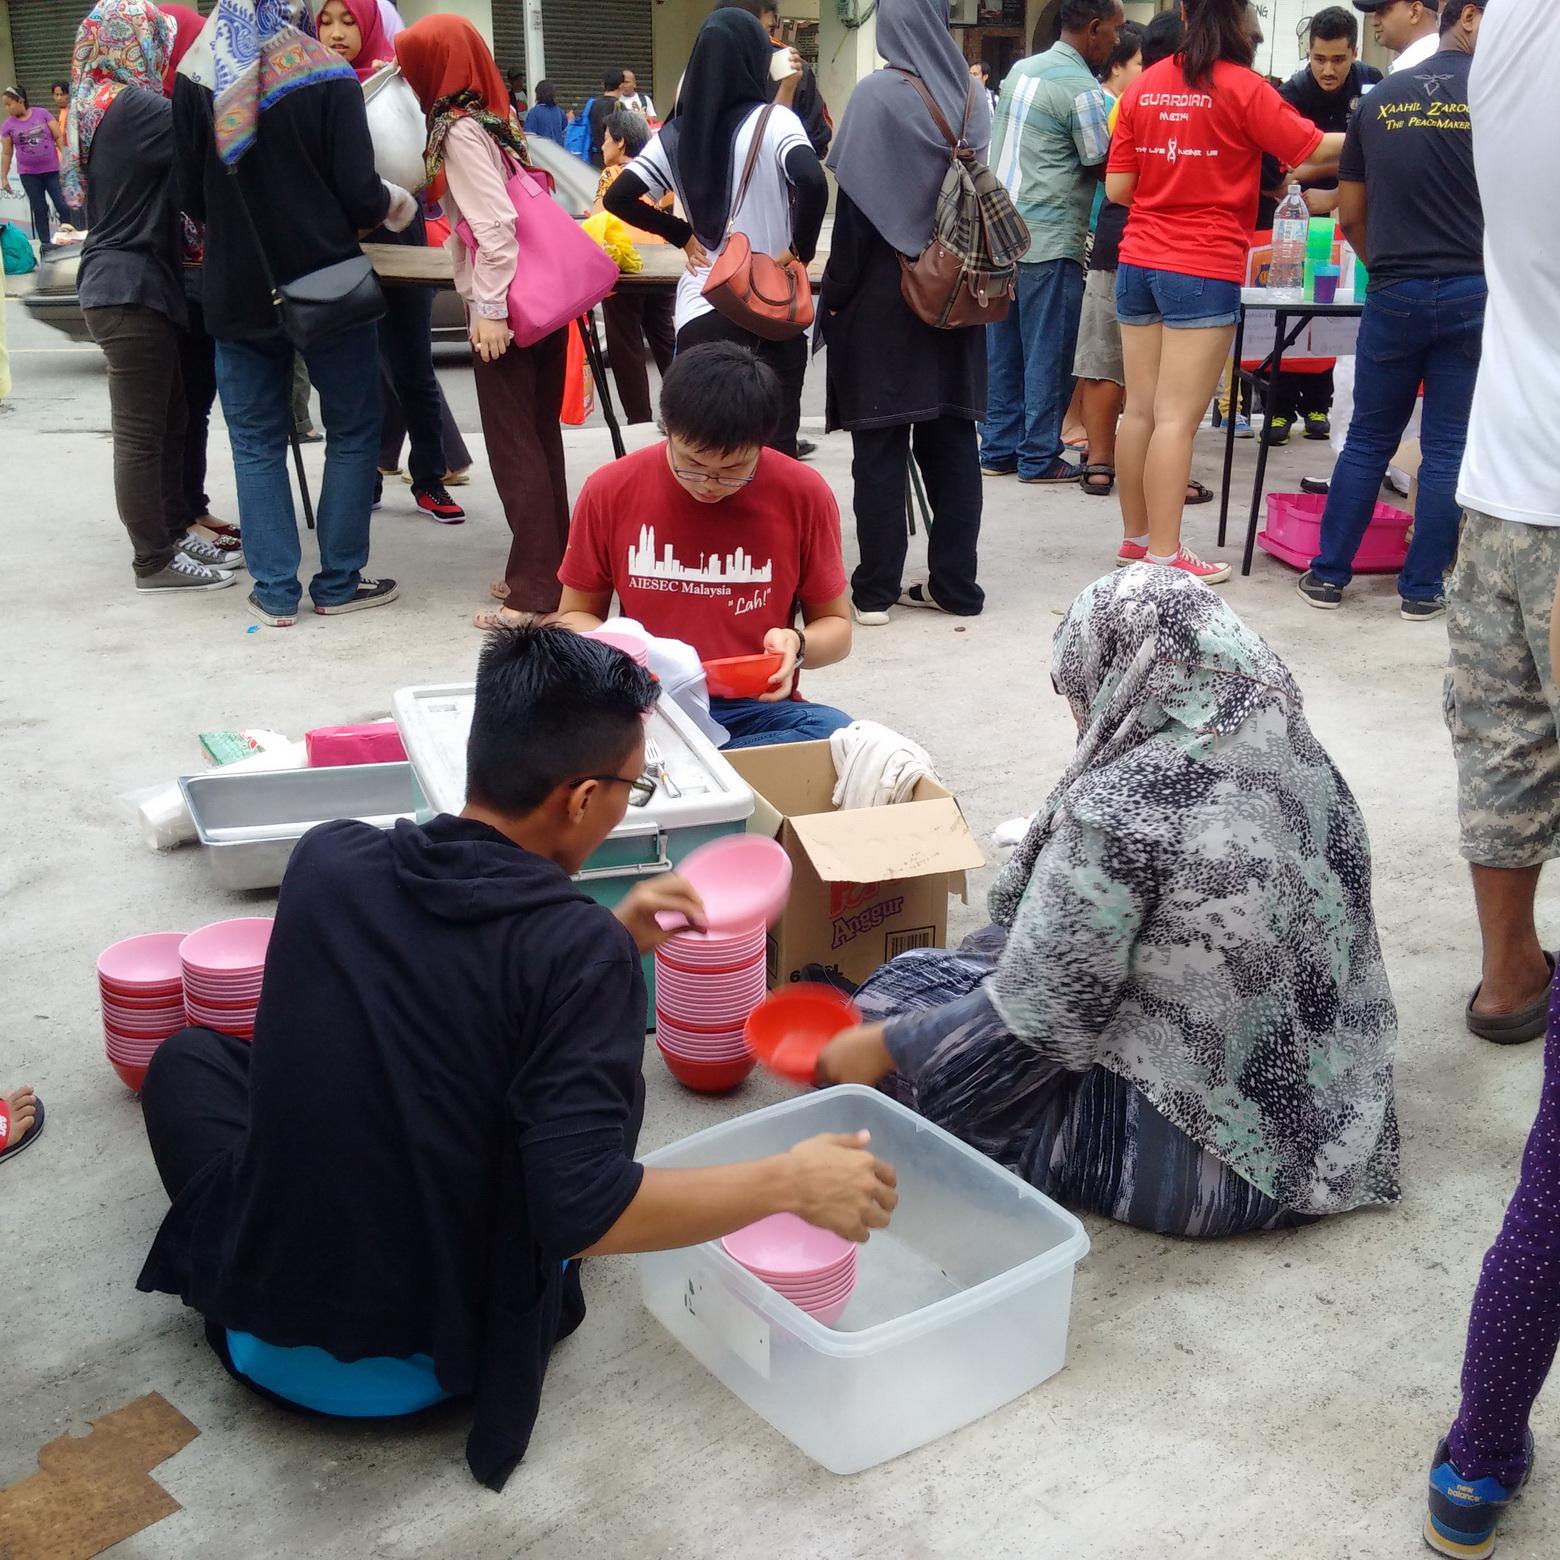 Volunteers Clearing Up